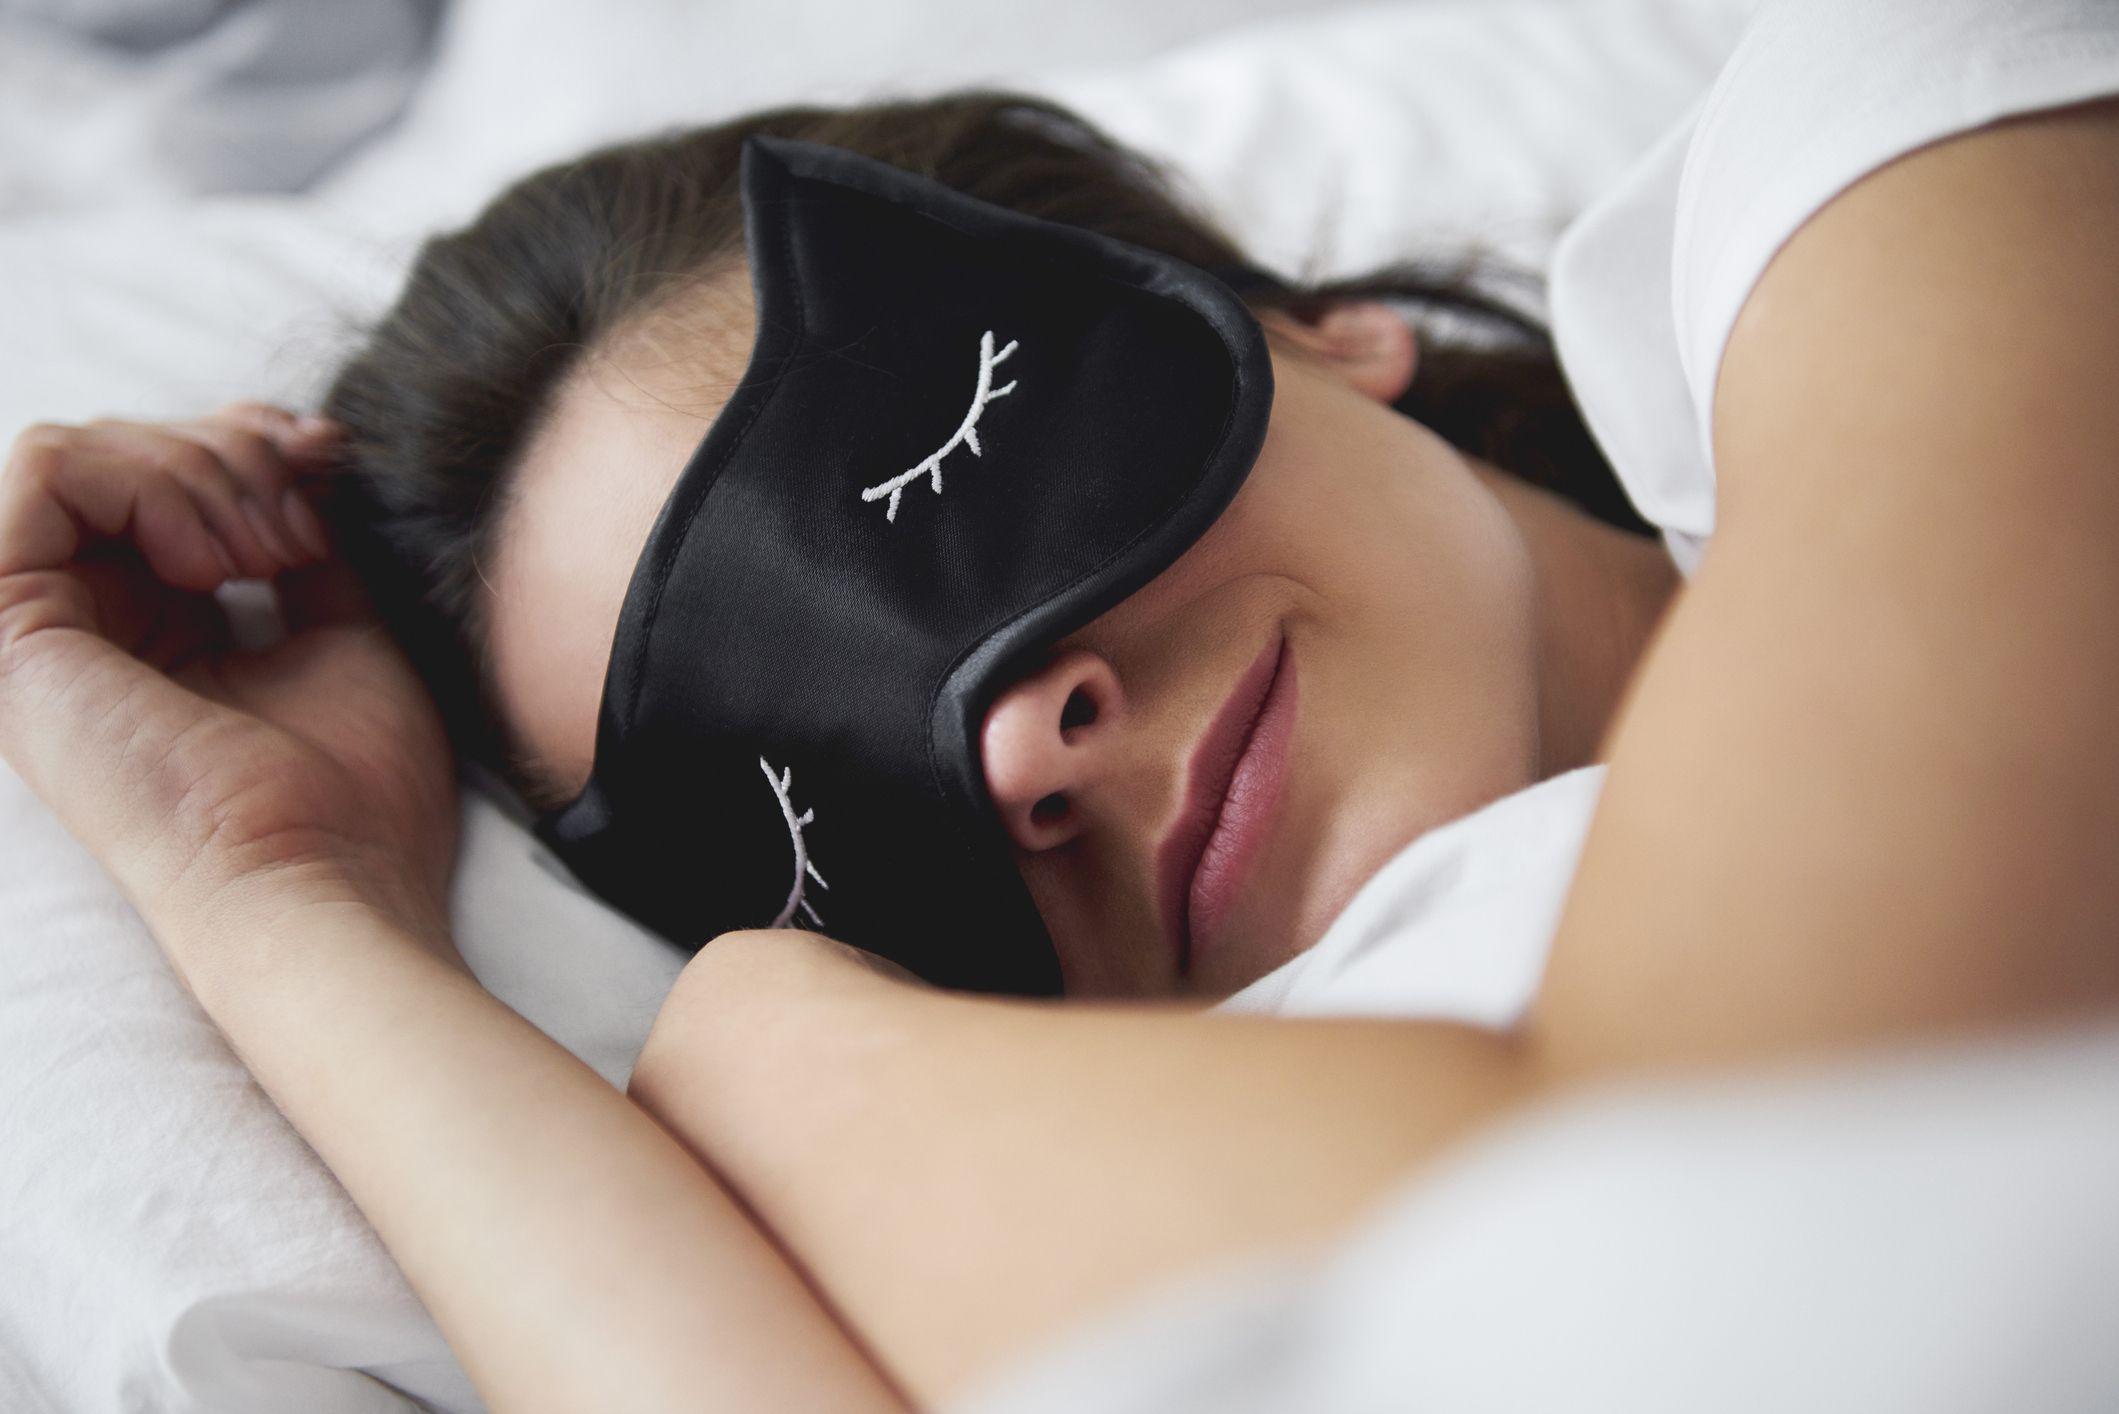 Ύπνος και ομορφιά: Πως ο ύπνος επηρεάζει το δέρμα σας